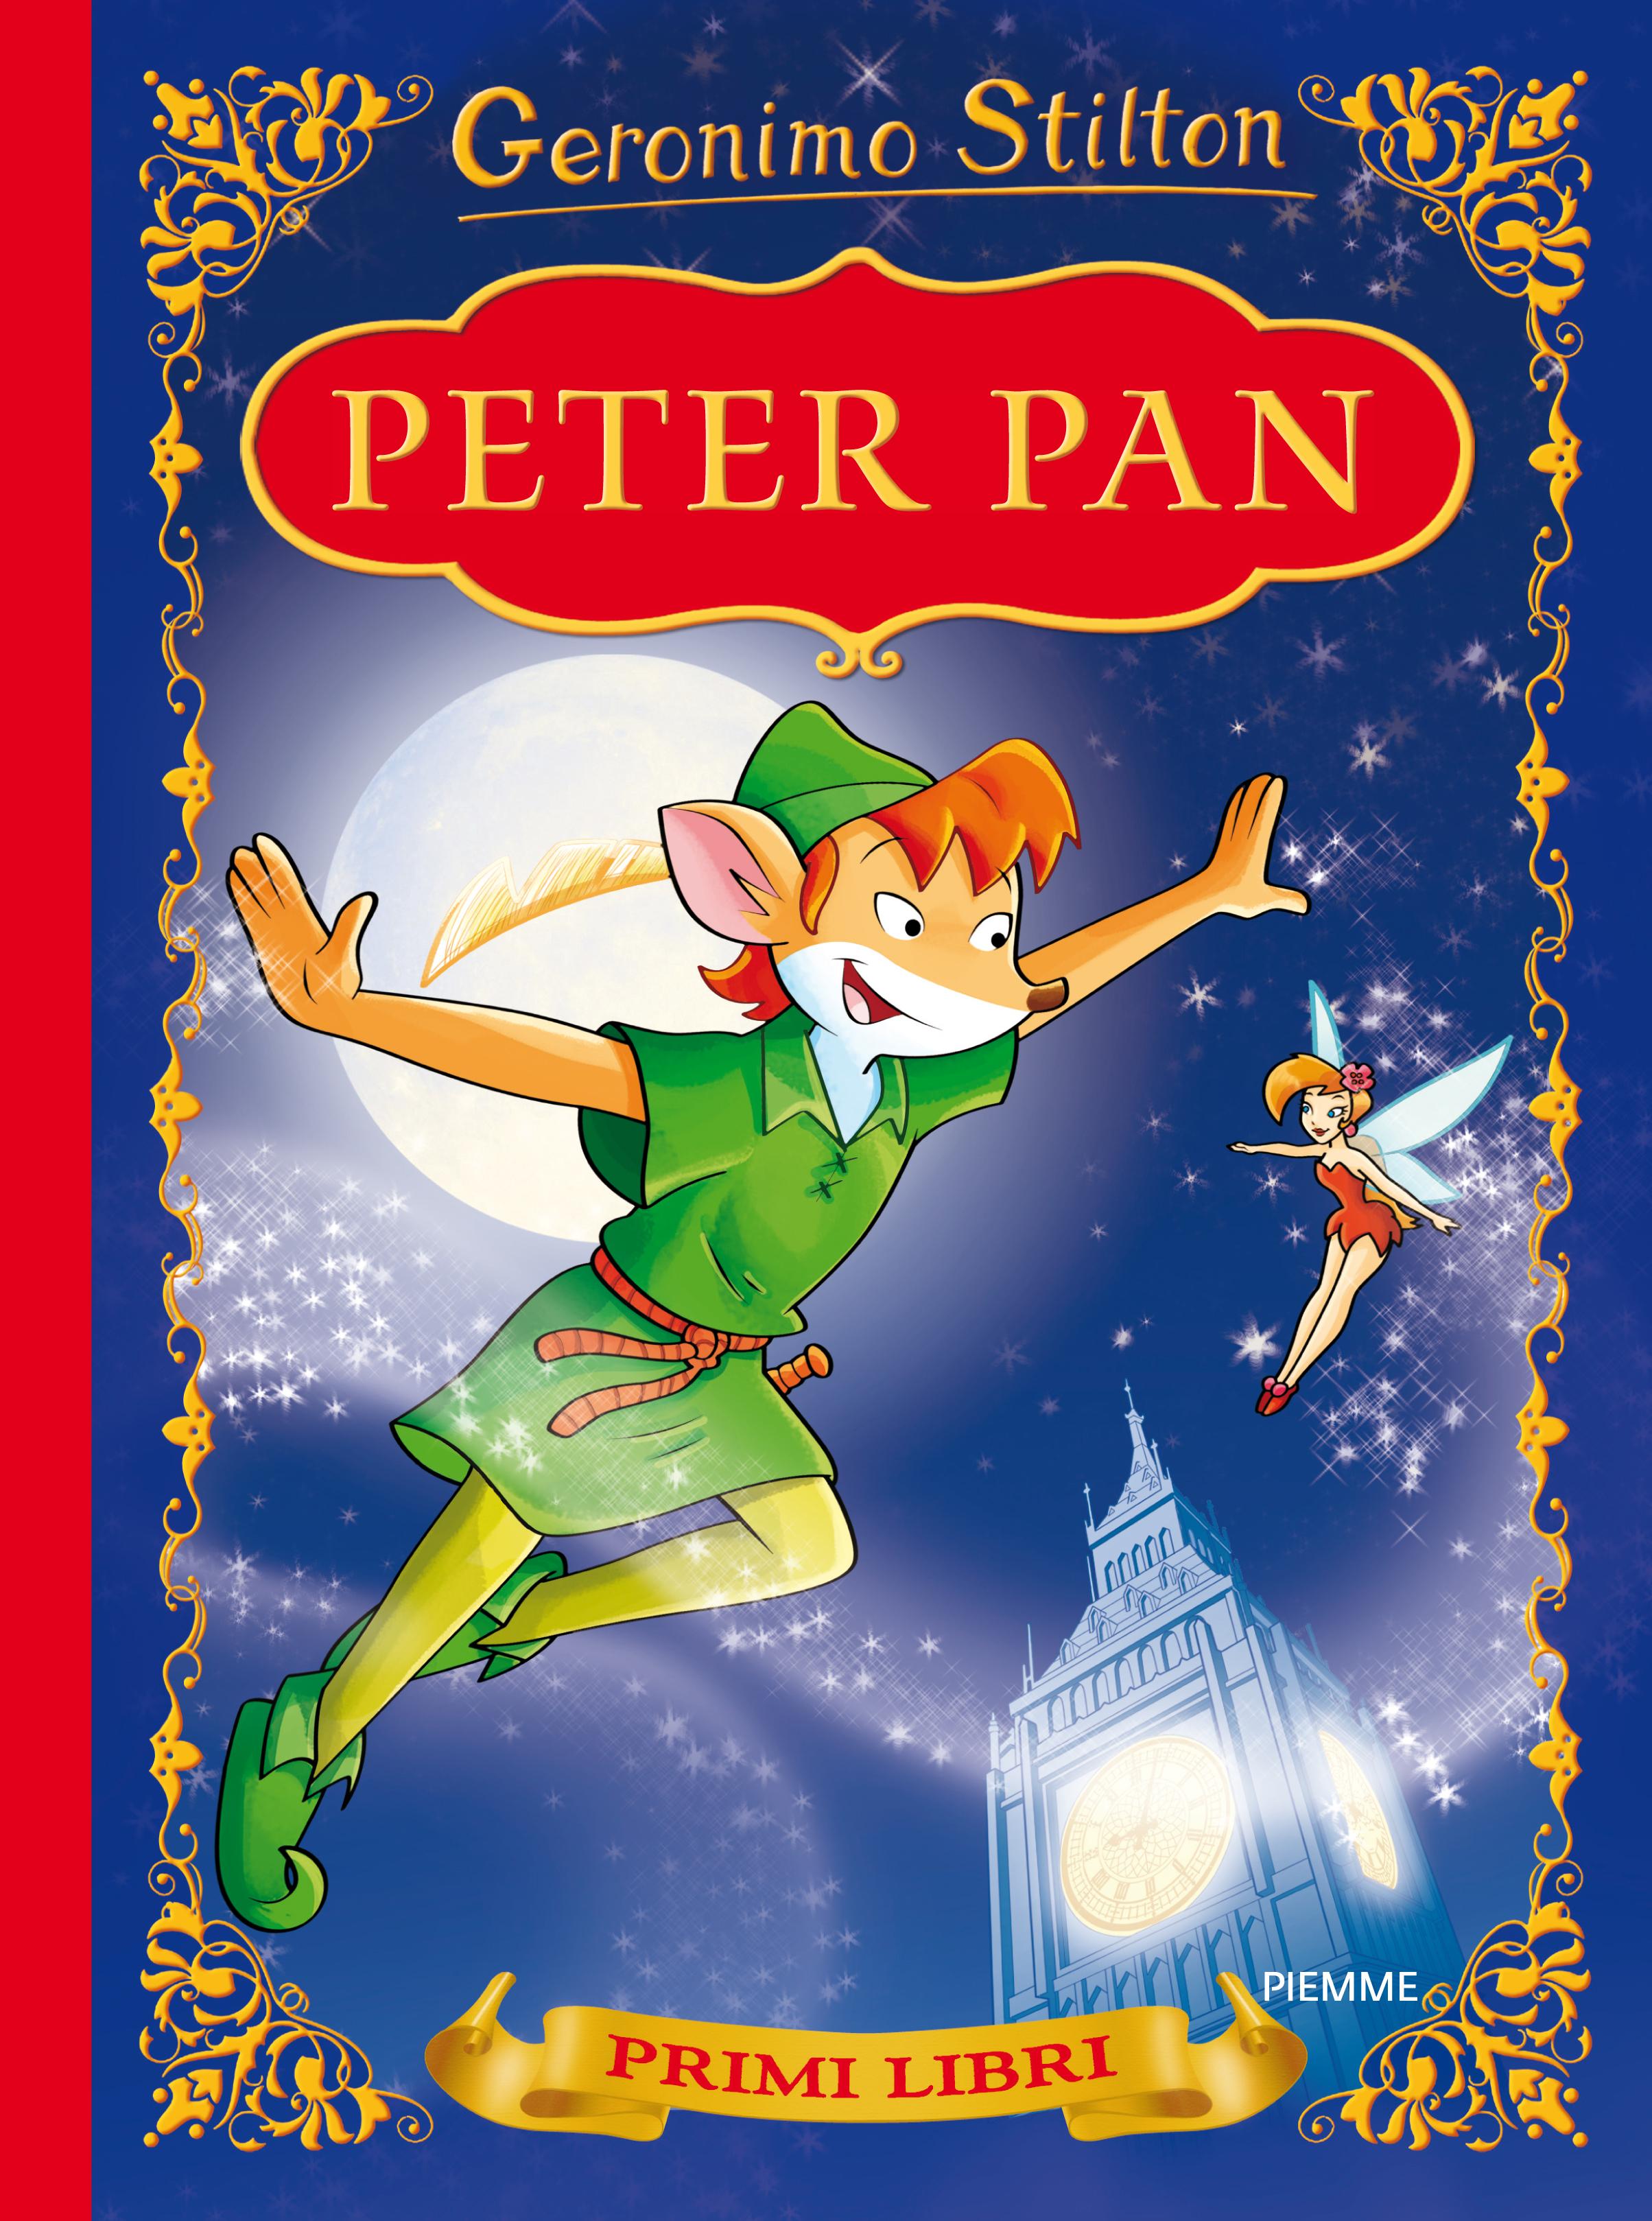 Primi libri peter pan geronimo stilton